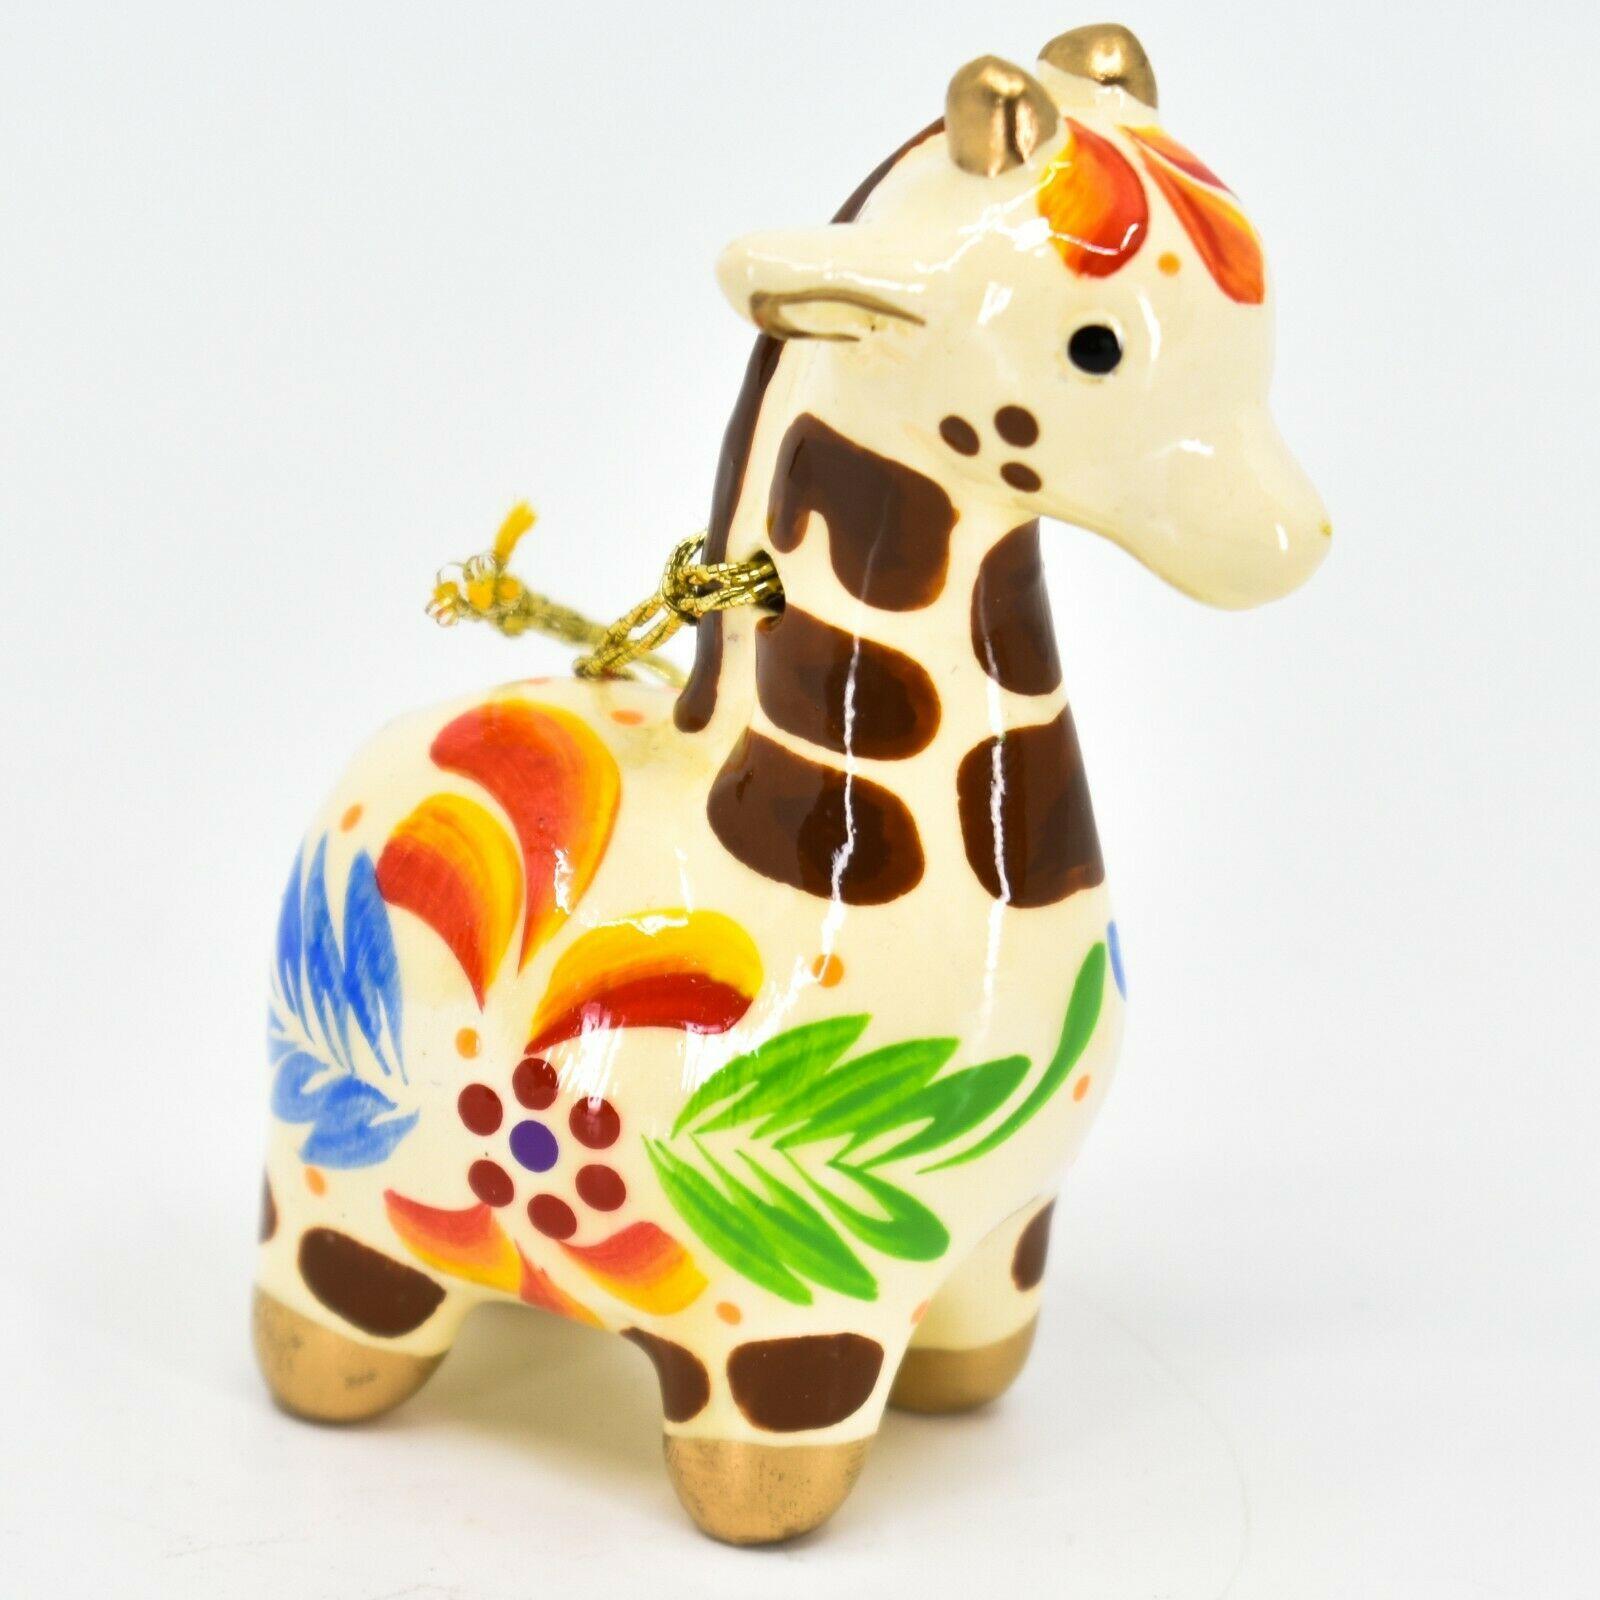 Handcrafted Painted Ceramic White Giraffe Confetti Ornament Made in Peru